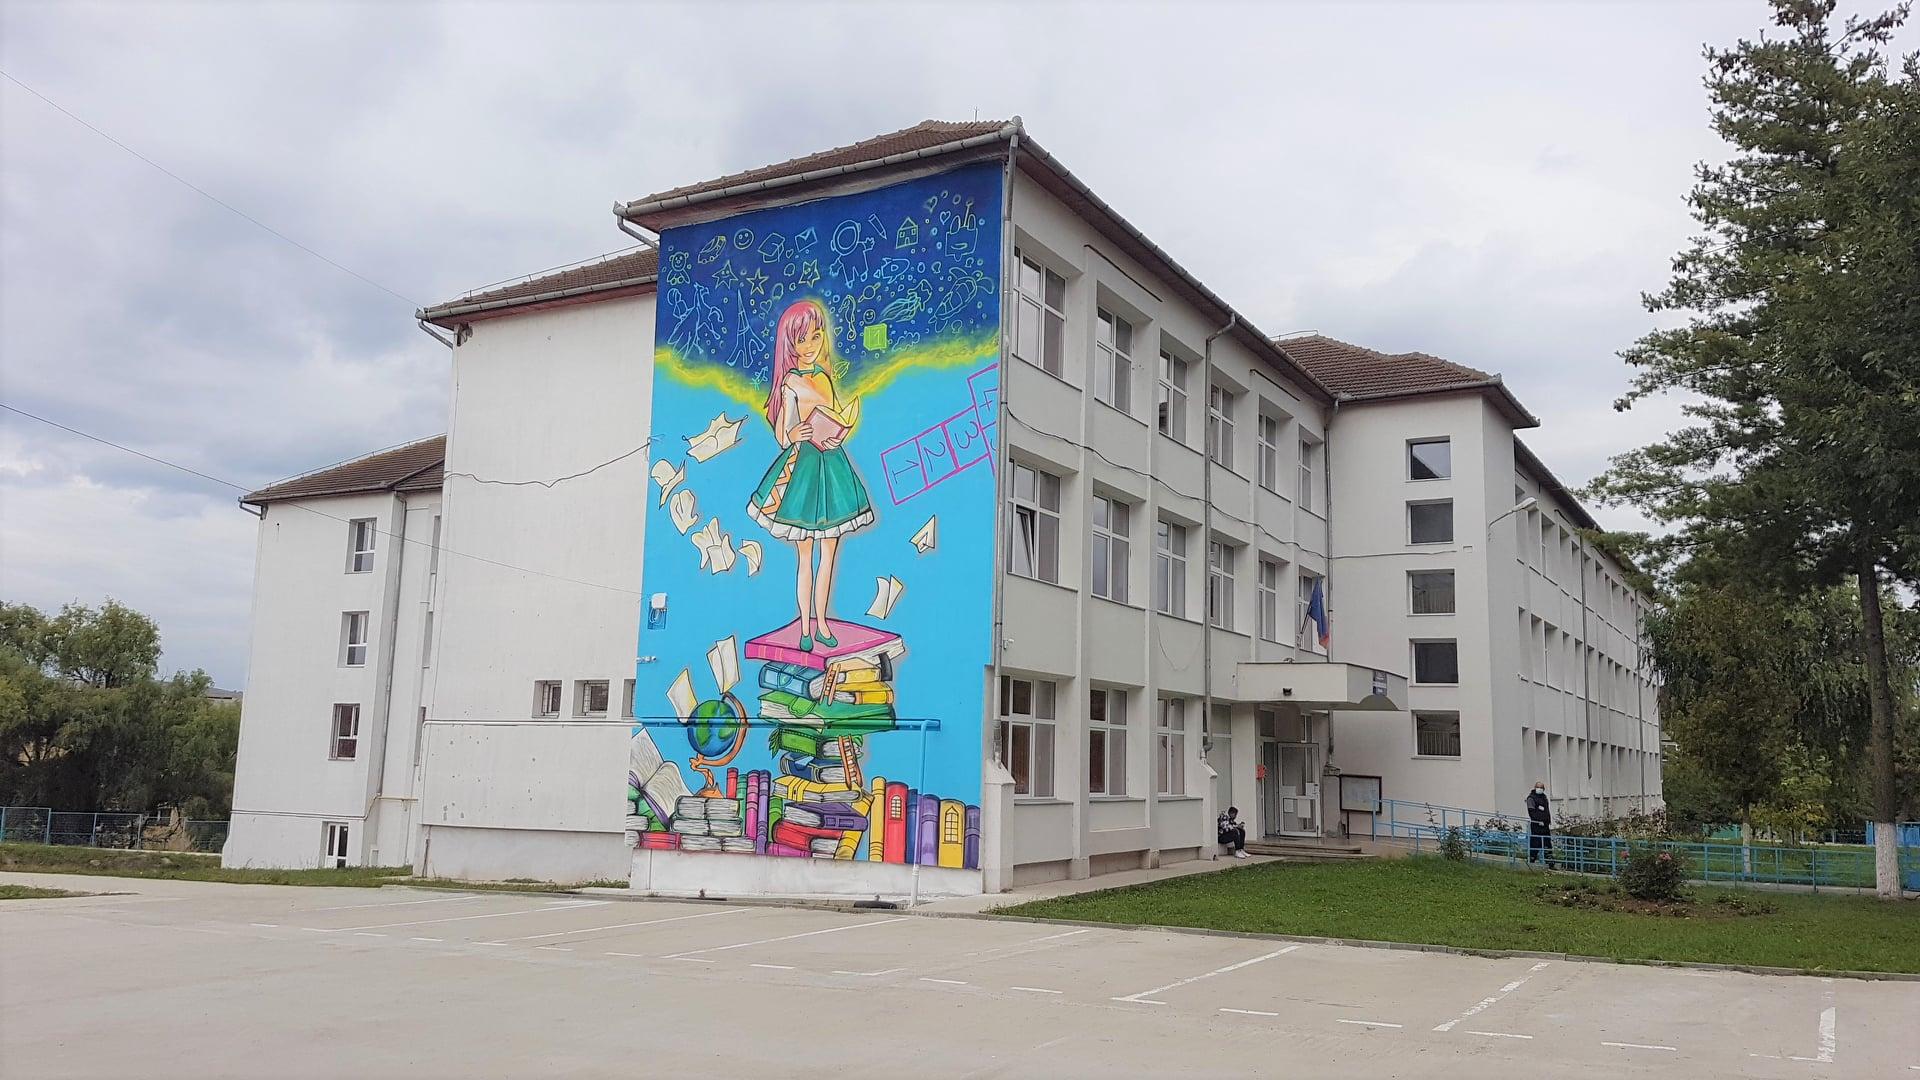 FOTO| Pictură gigantică pe clădirea unei școli din Hunedoara. Rezultatul a zeci de ore de muncă și a peste o sută de tuburi de vopsea